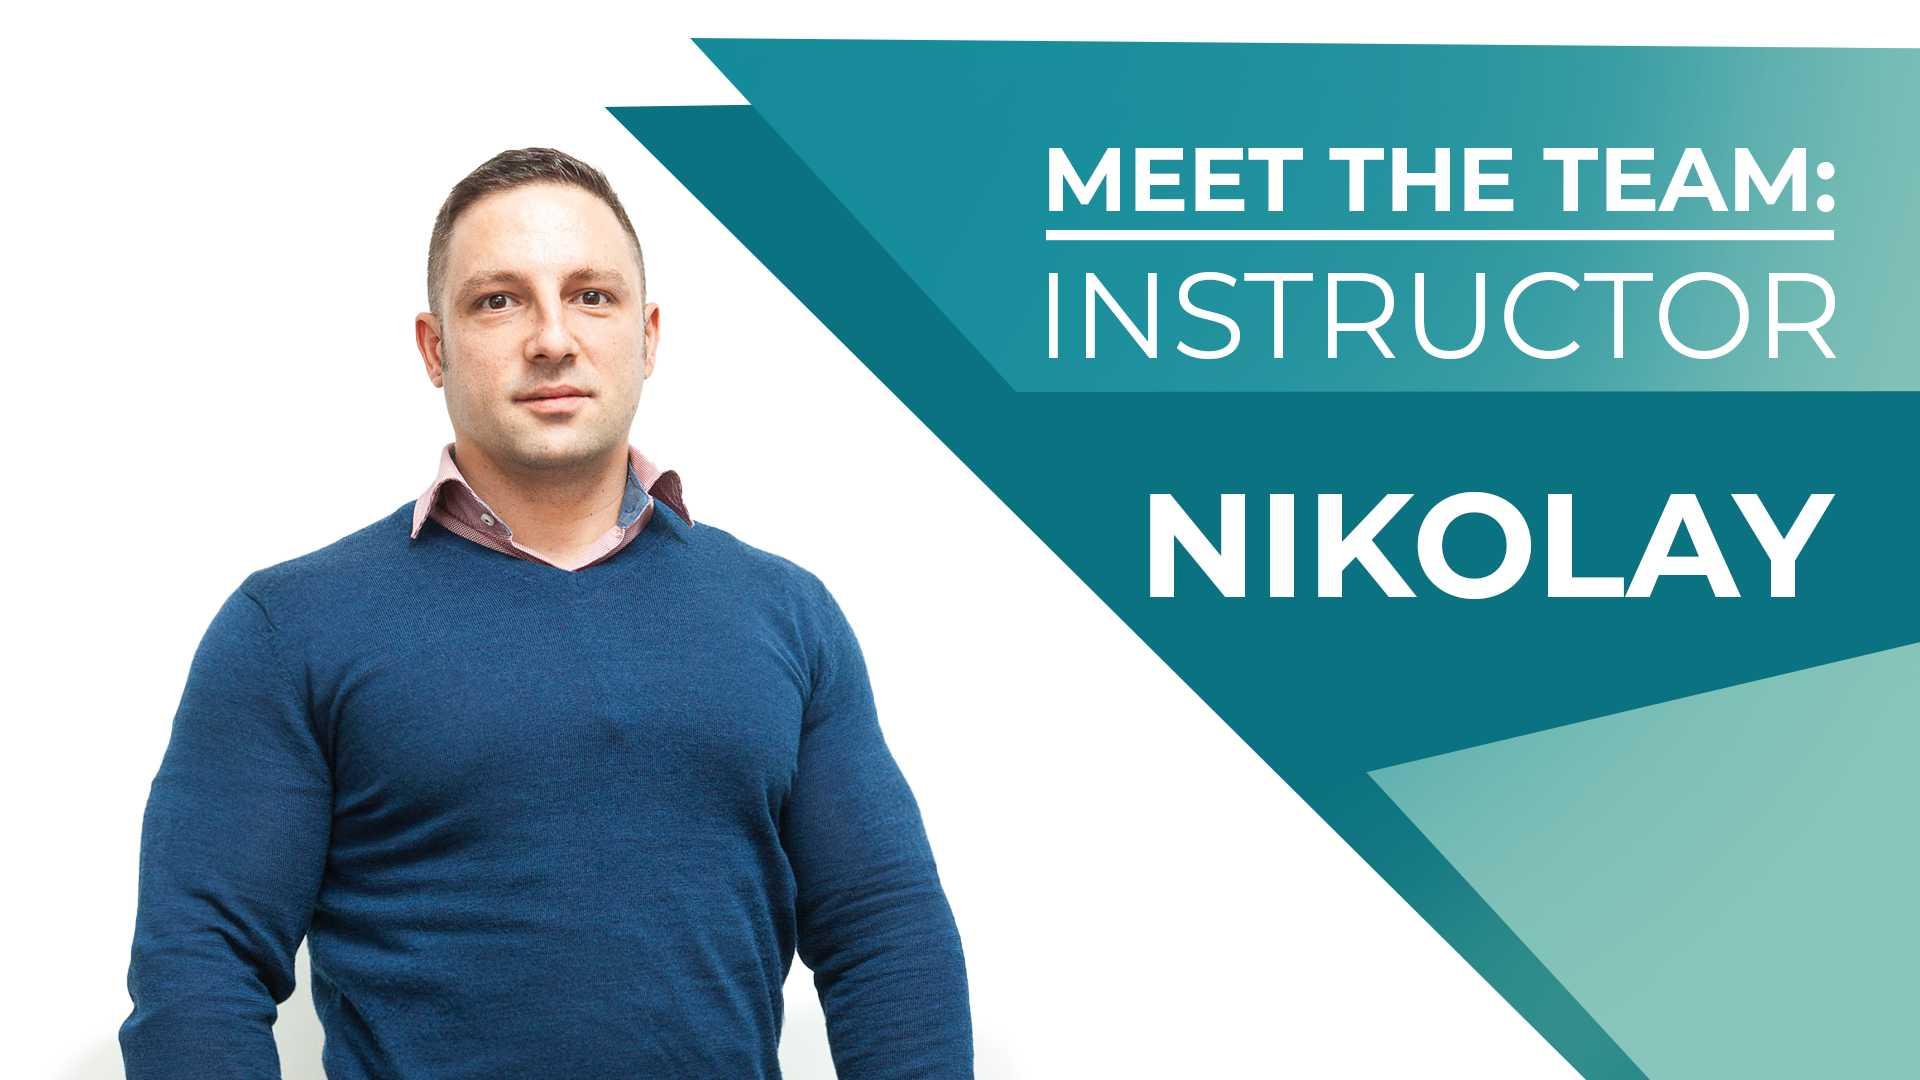 nikolay-data-science